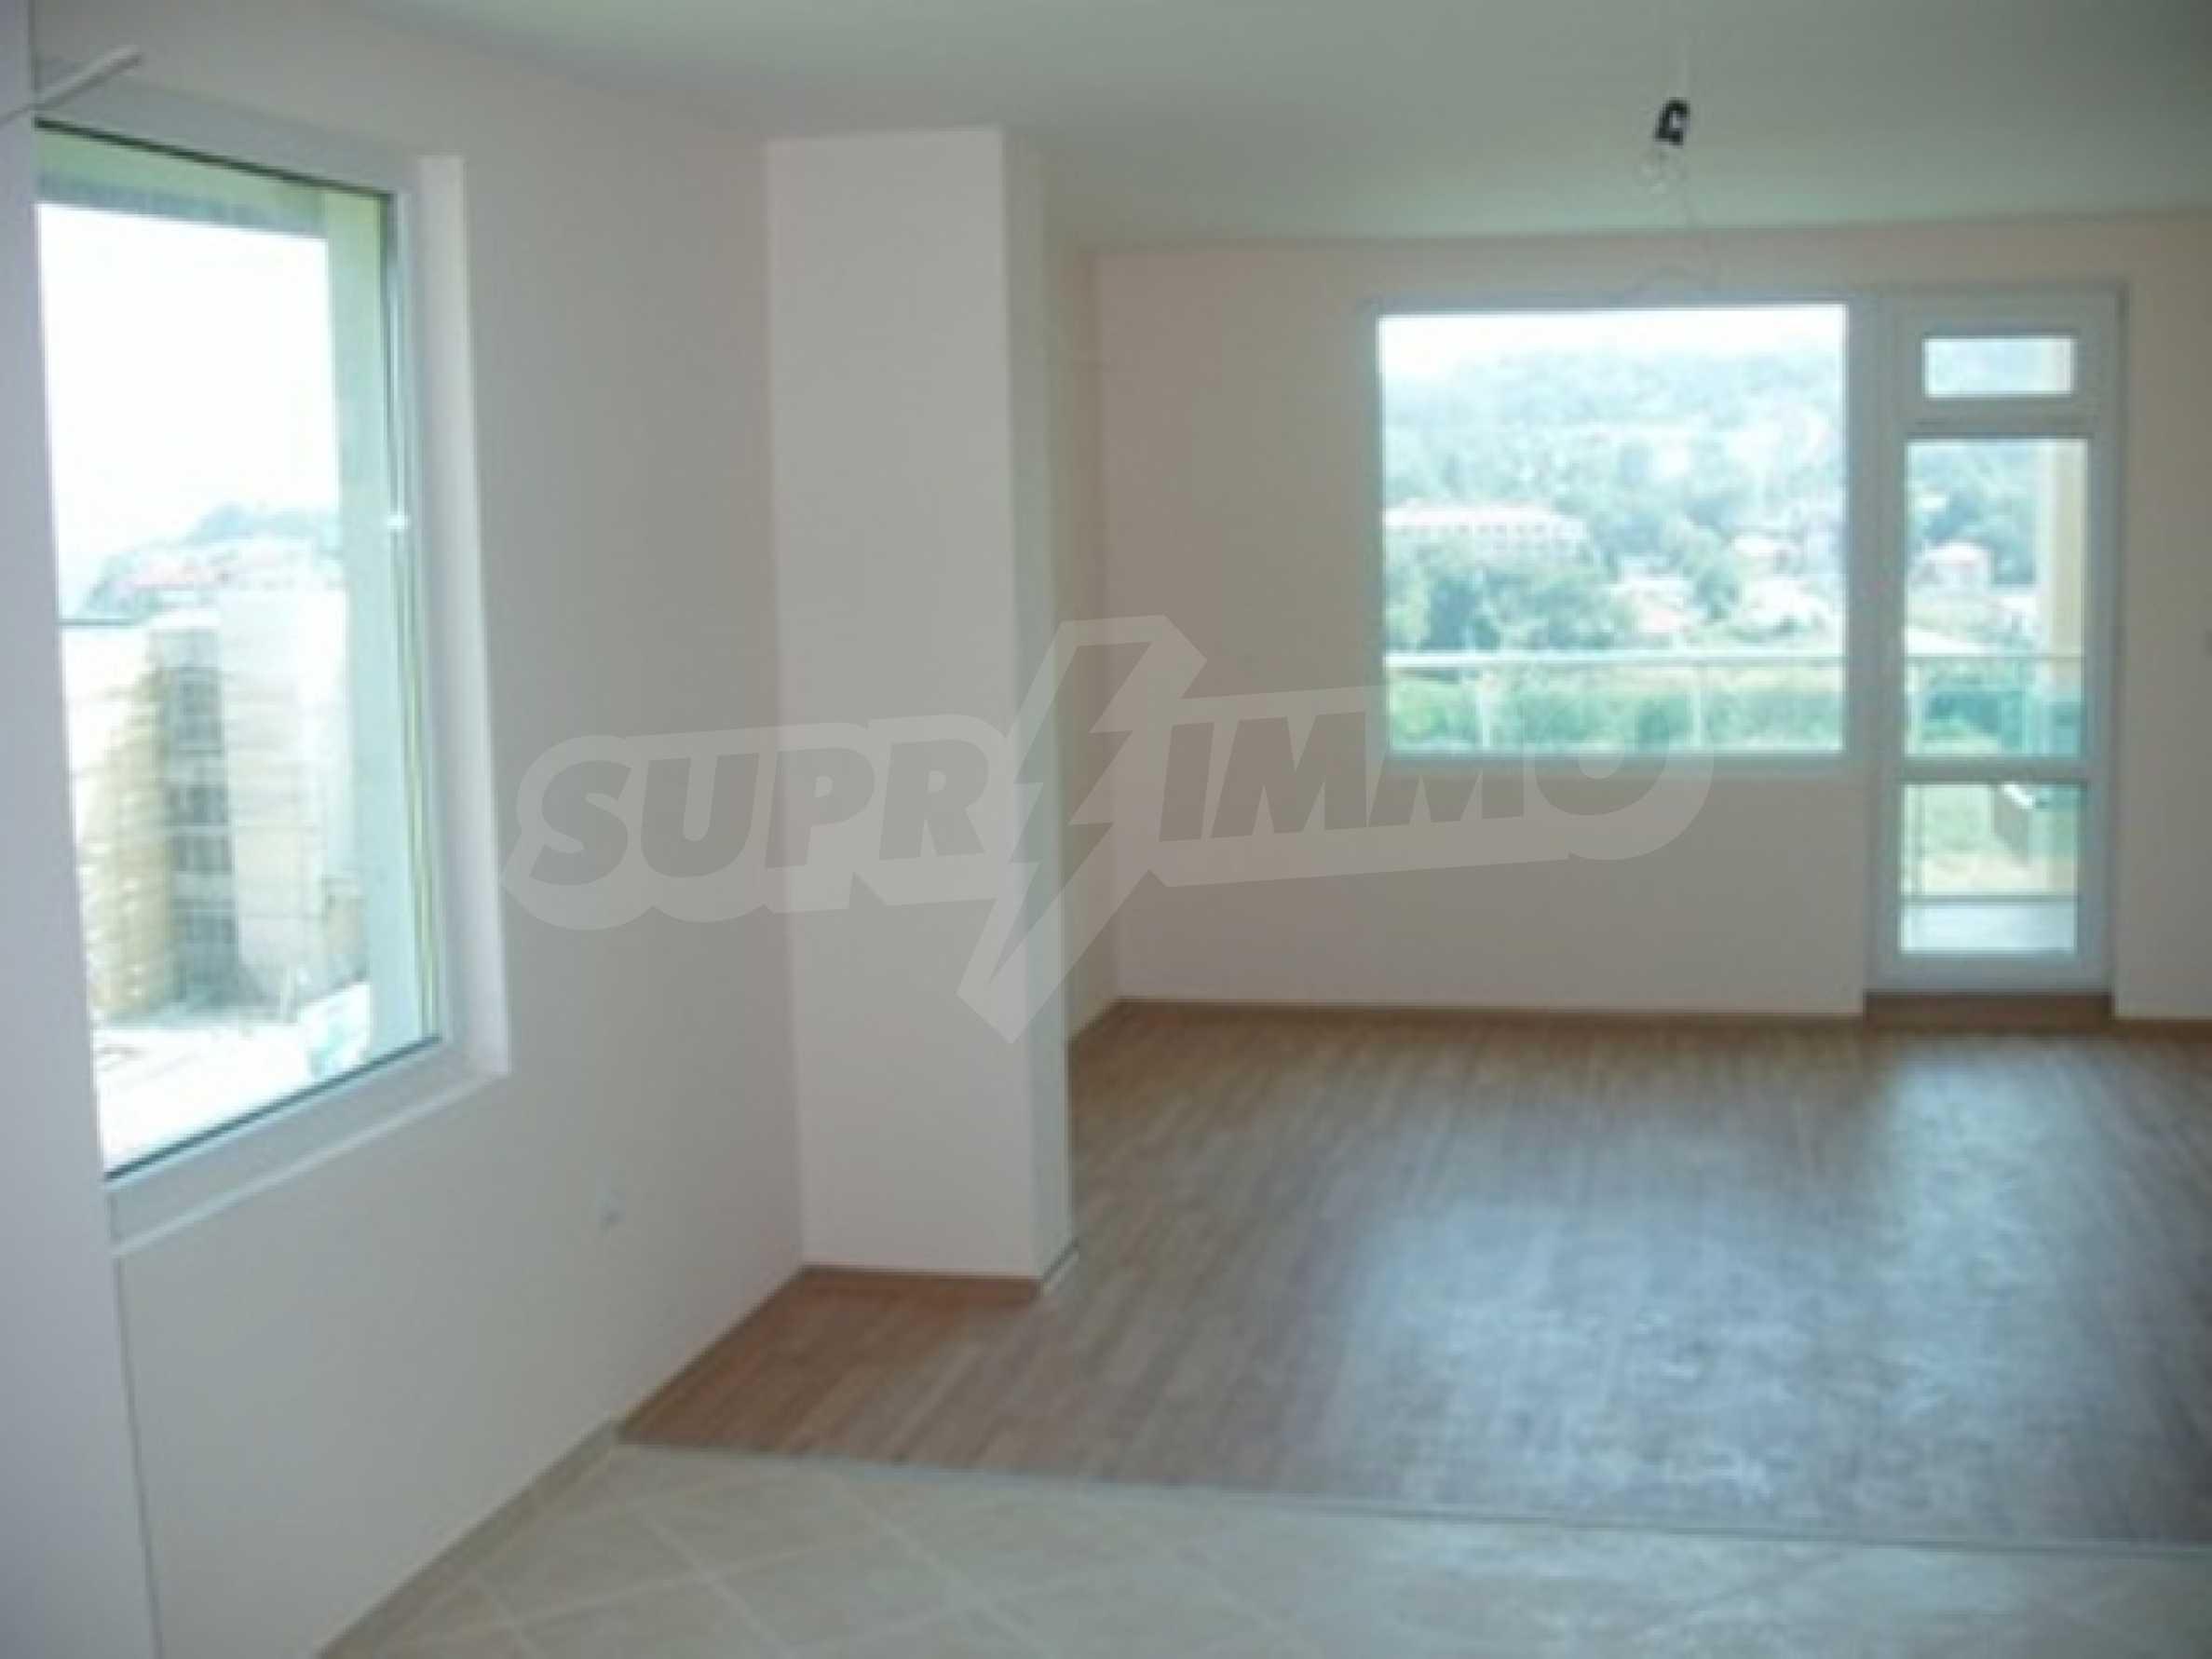 Panorama-Apartment mit zwei Schlafzimmern in Byala 3